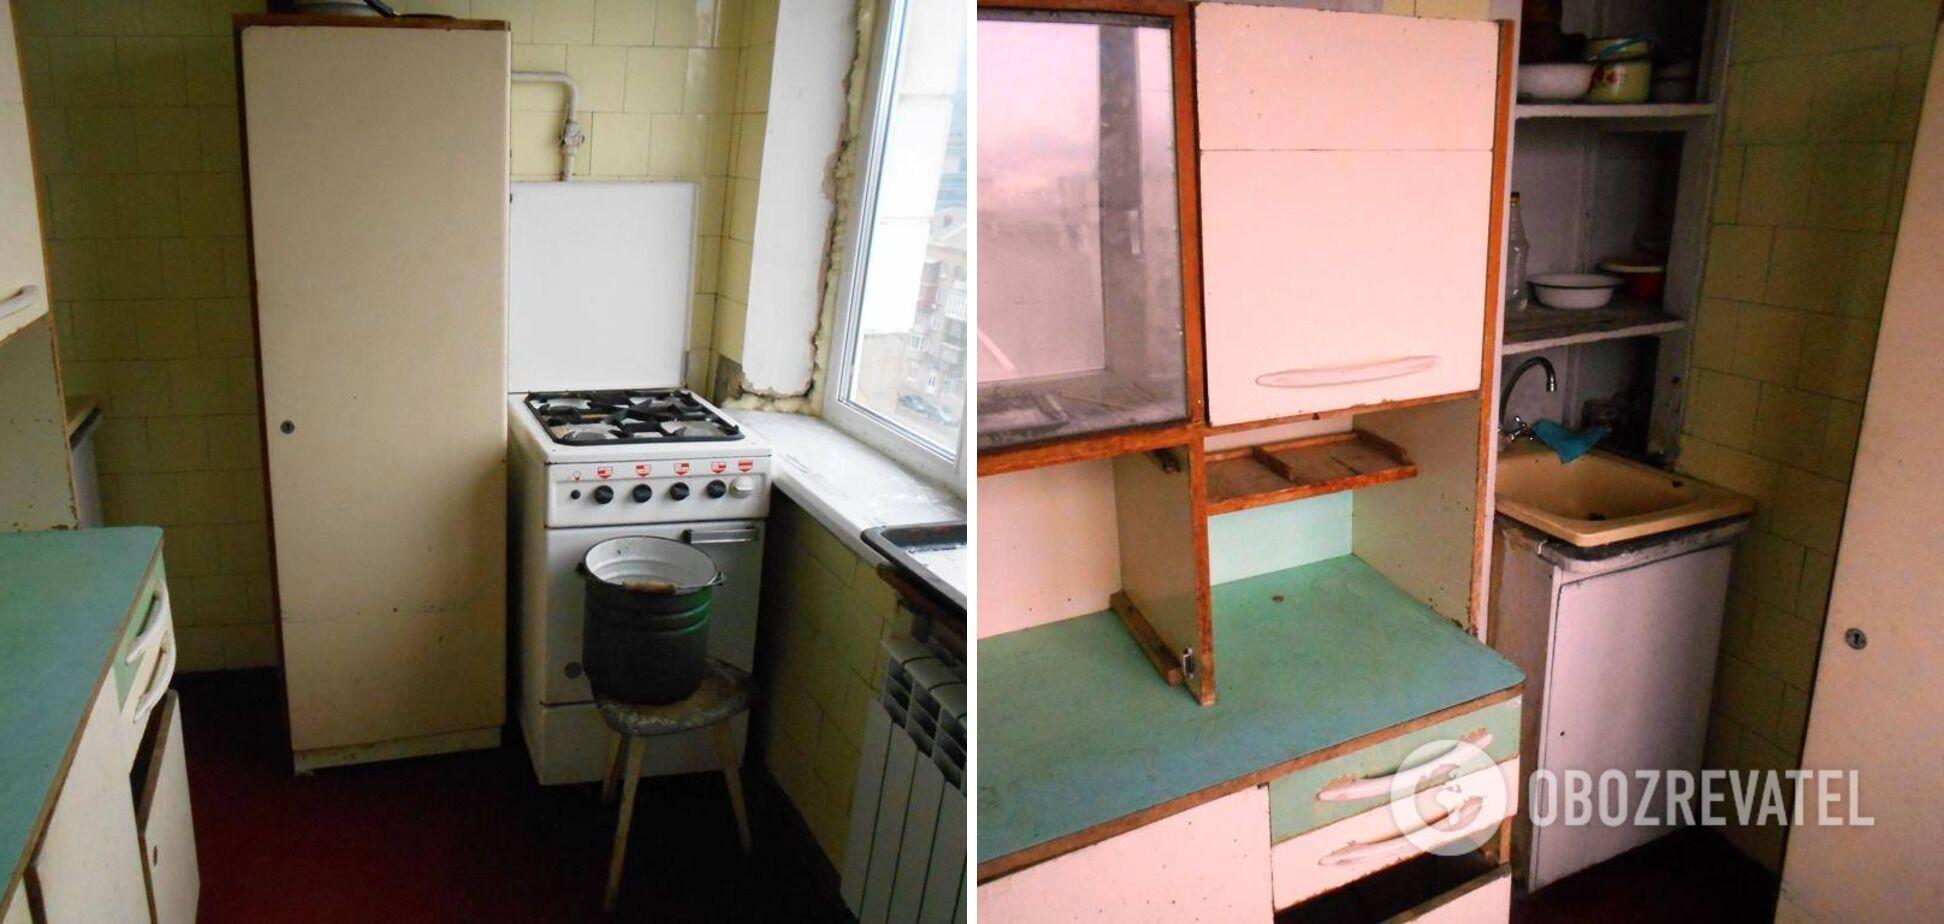 У кухні було дуже мало місця